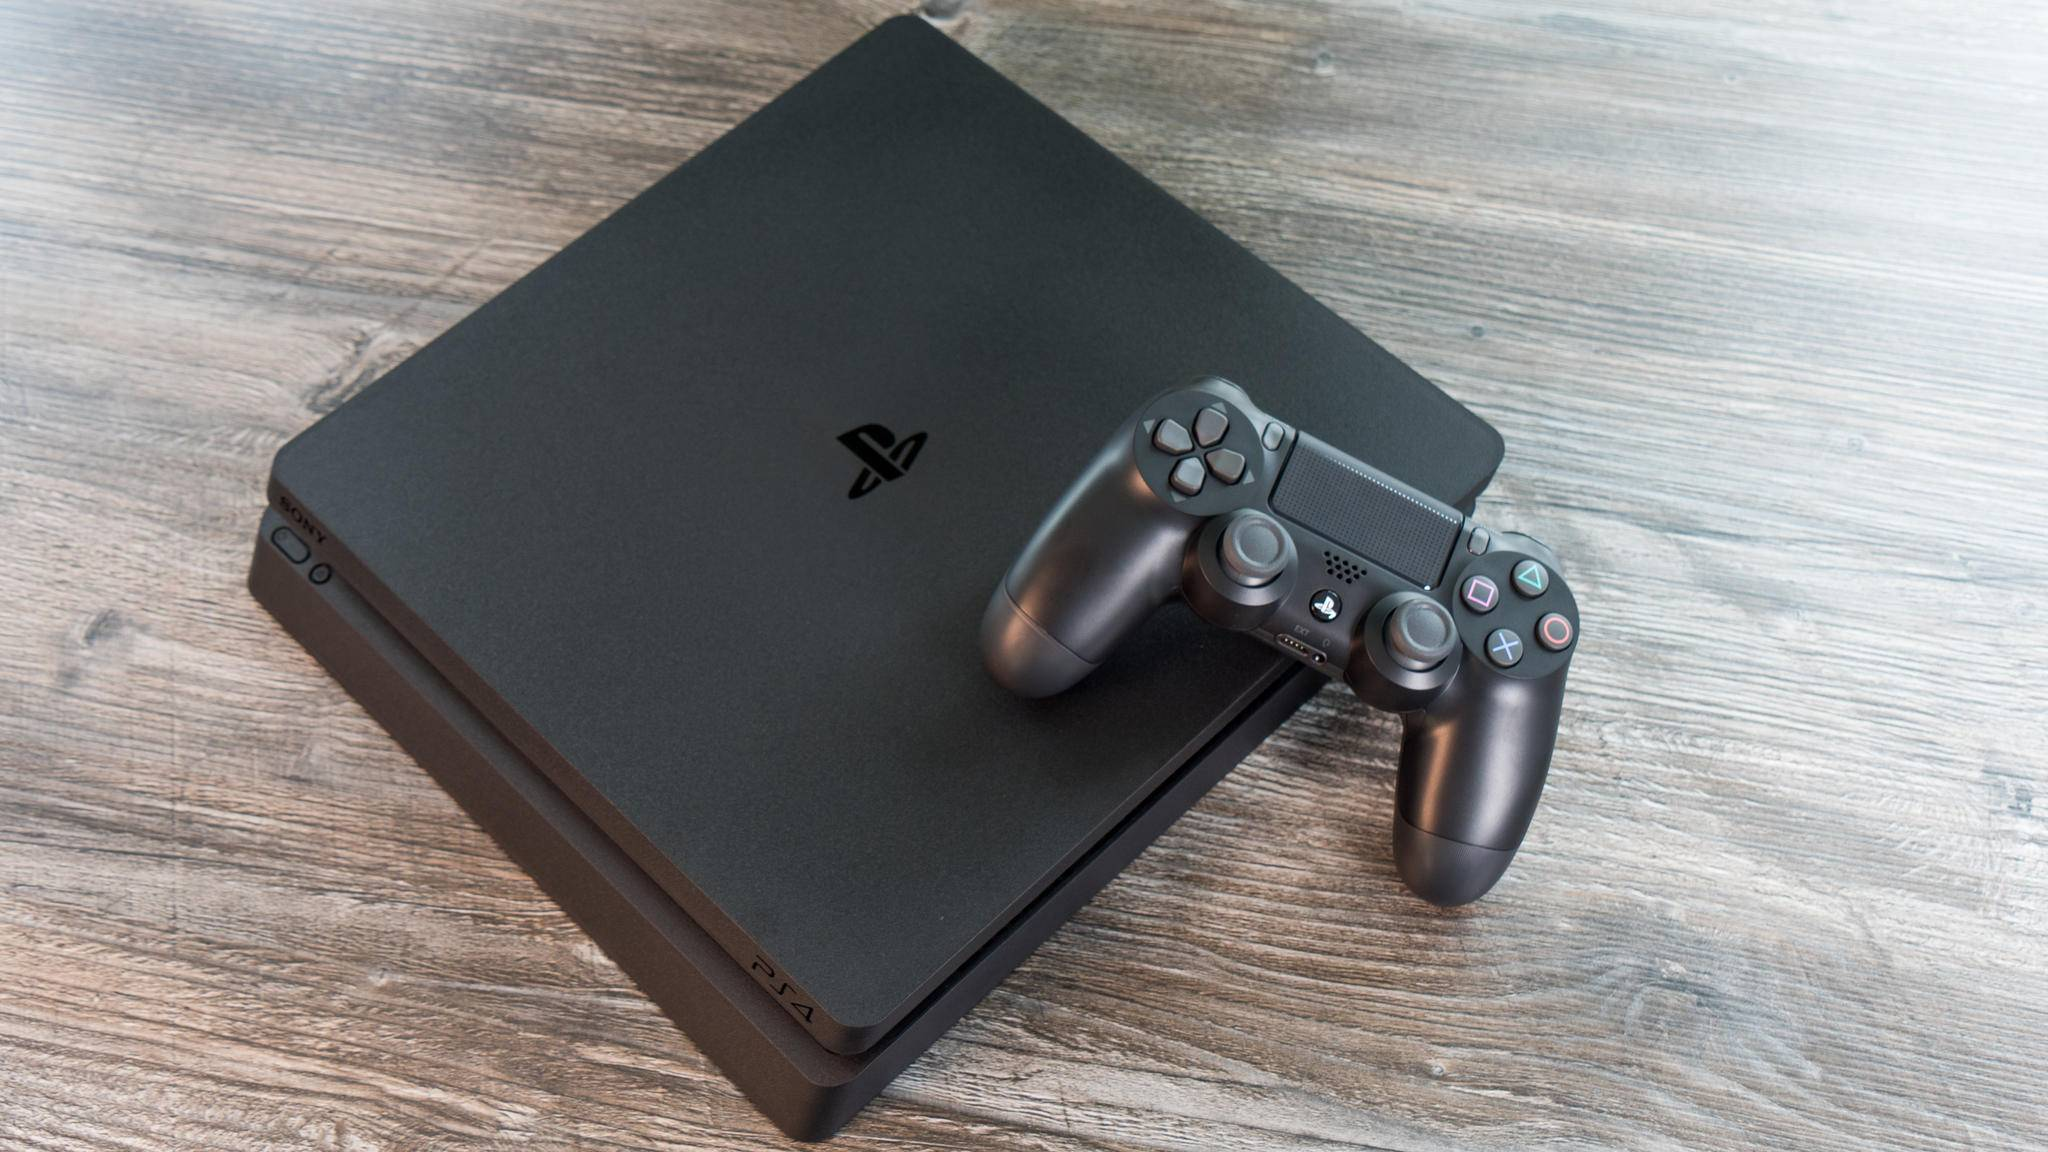 Sony macht die PS4 Slim mit 1 TB-Festplatte günstiger.